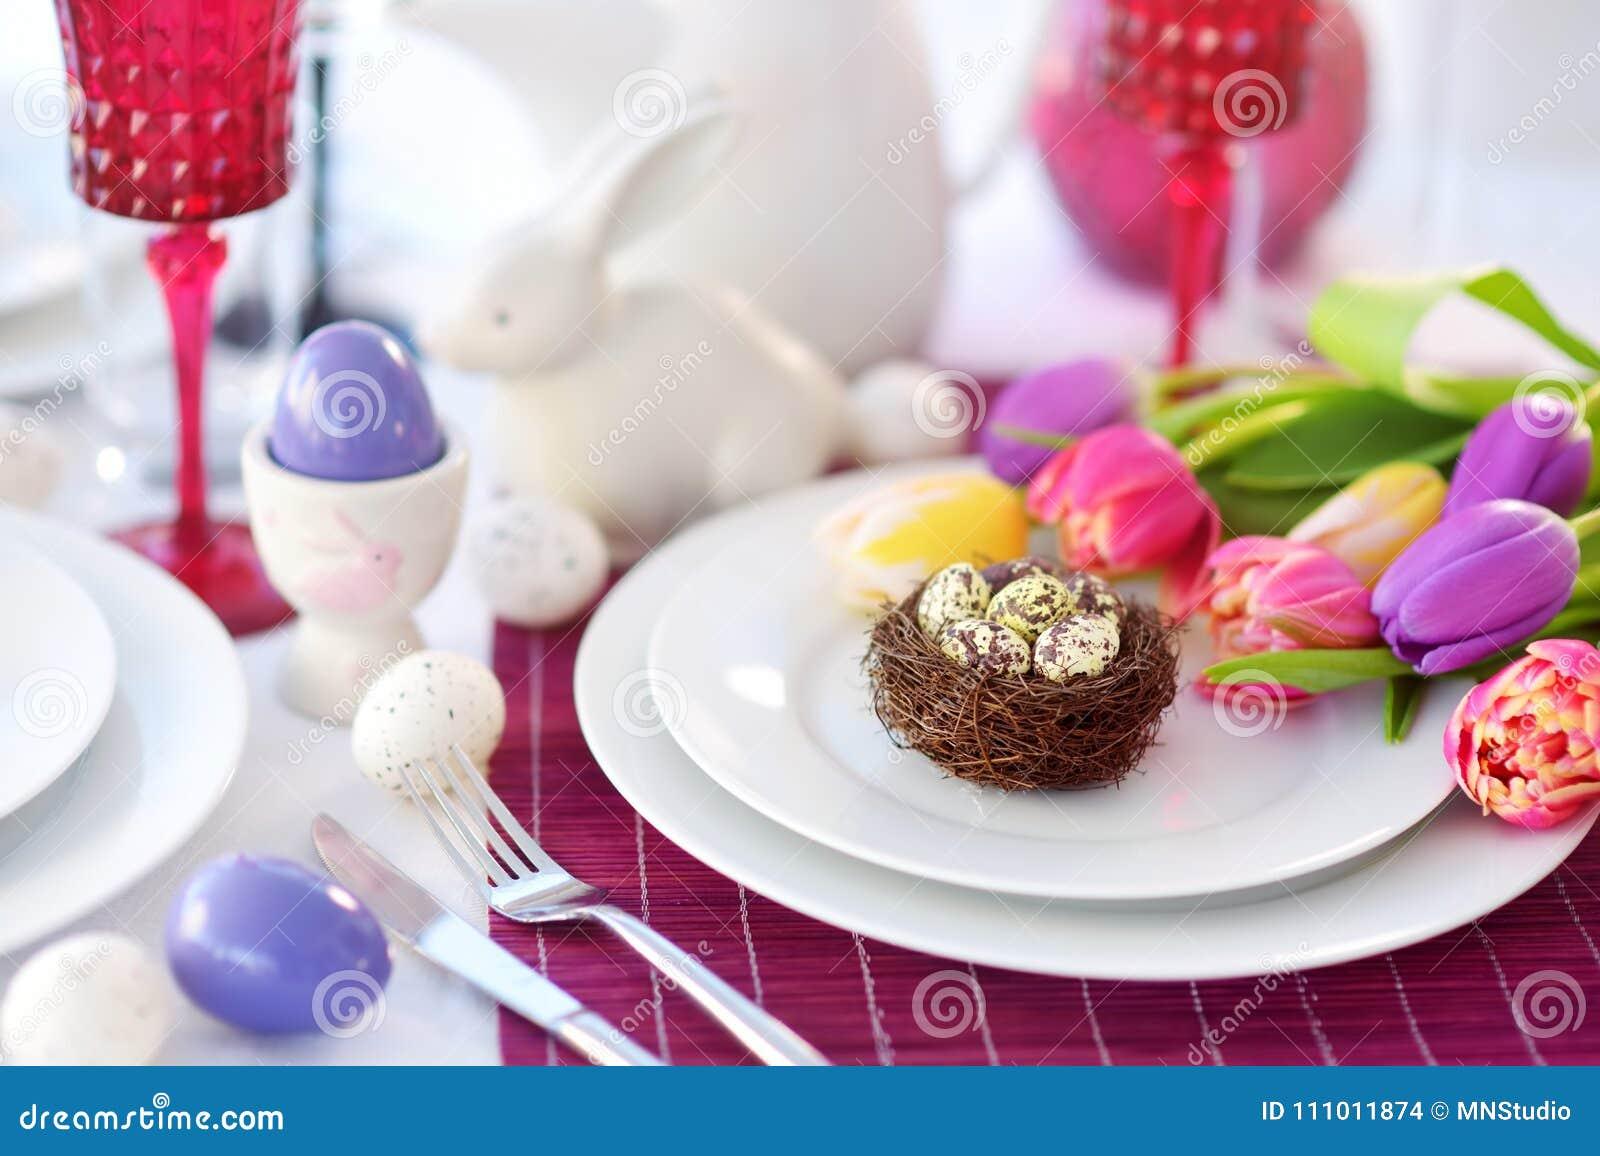 Красивая сервировка стола с посудой и цветками для торжества пасхи